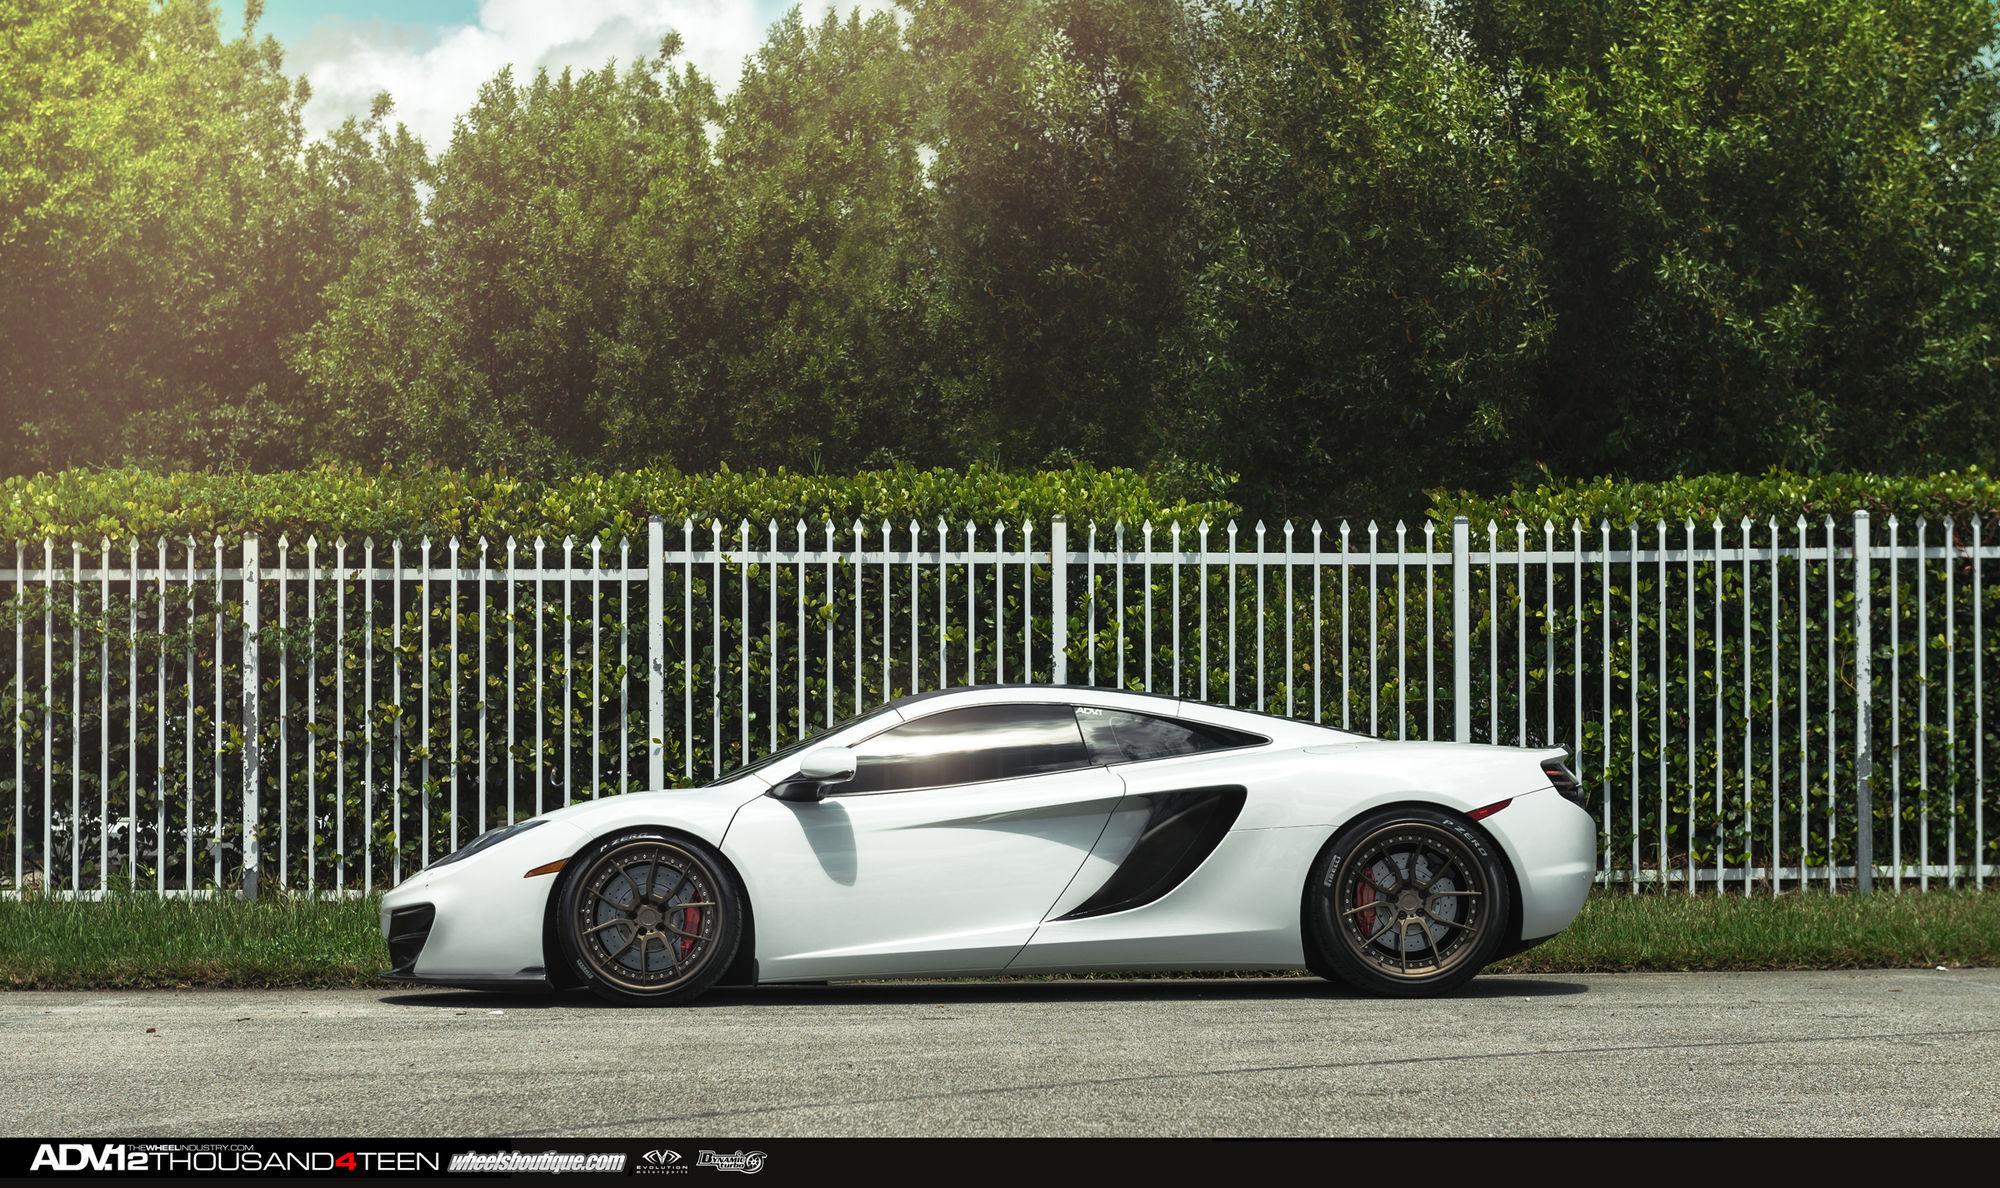 2014 McLaren MP4-12C | Mclaren MP4-12C